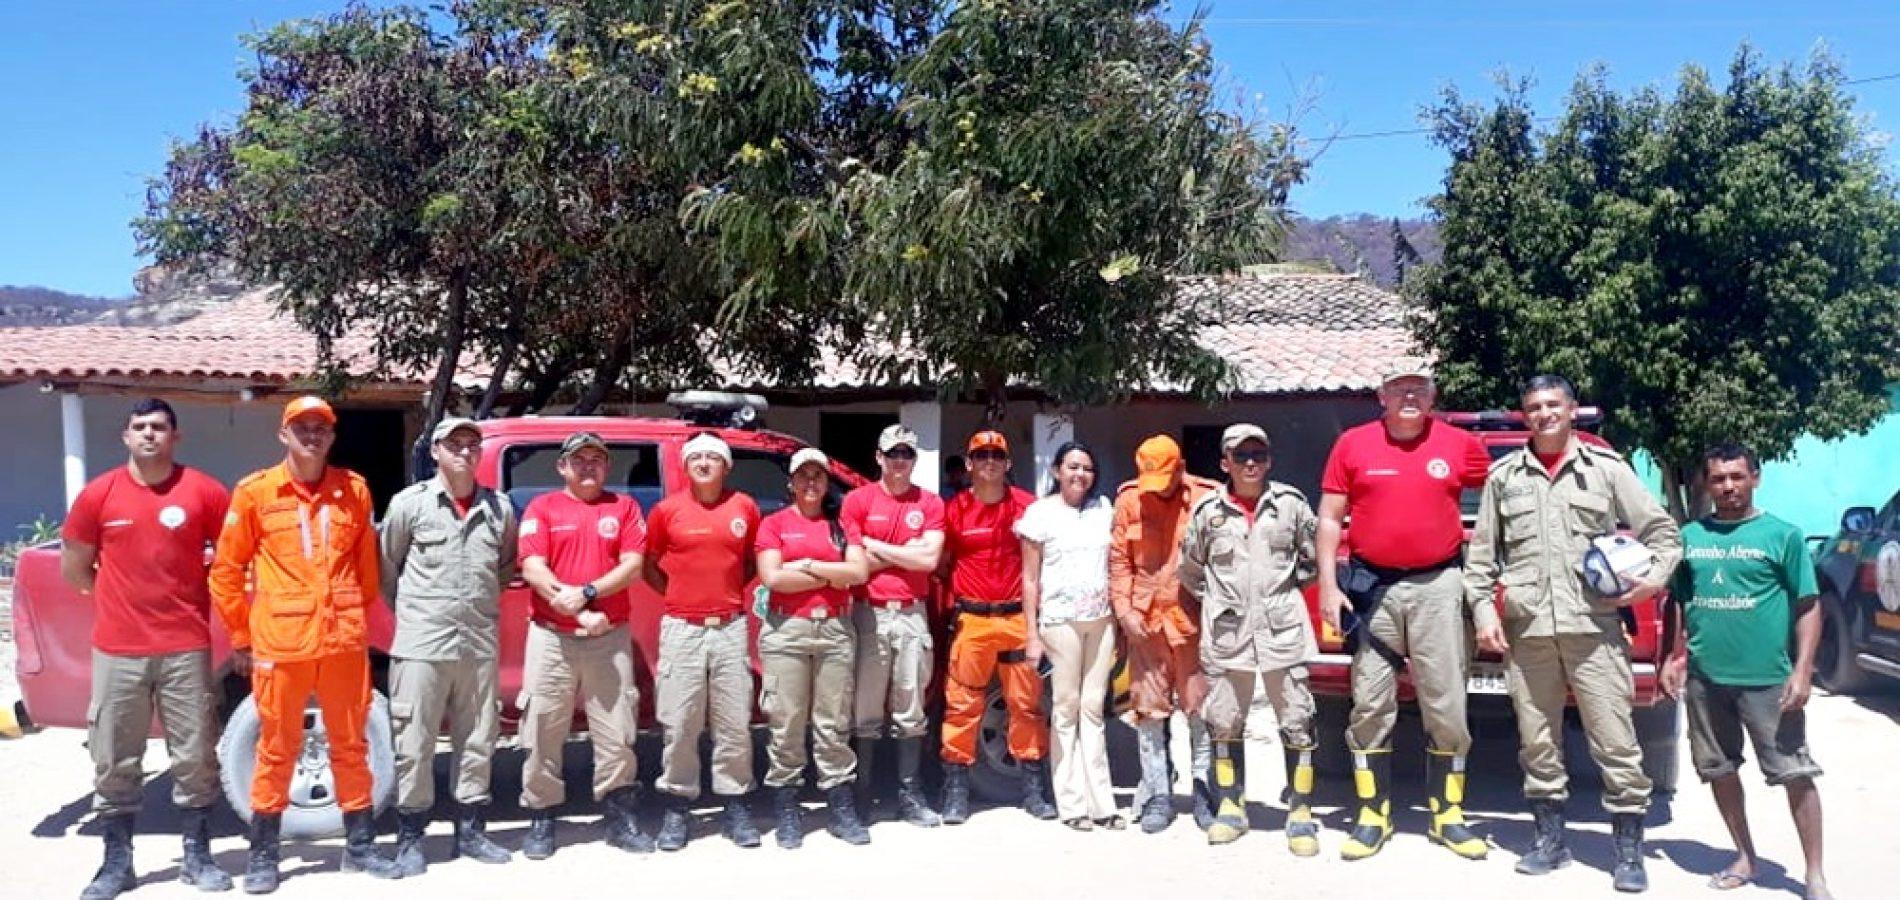 Em ação conjunta, bombeiros controlam incêndio que durou mais de 4 dias na divisa entre Piauí e Ceará